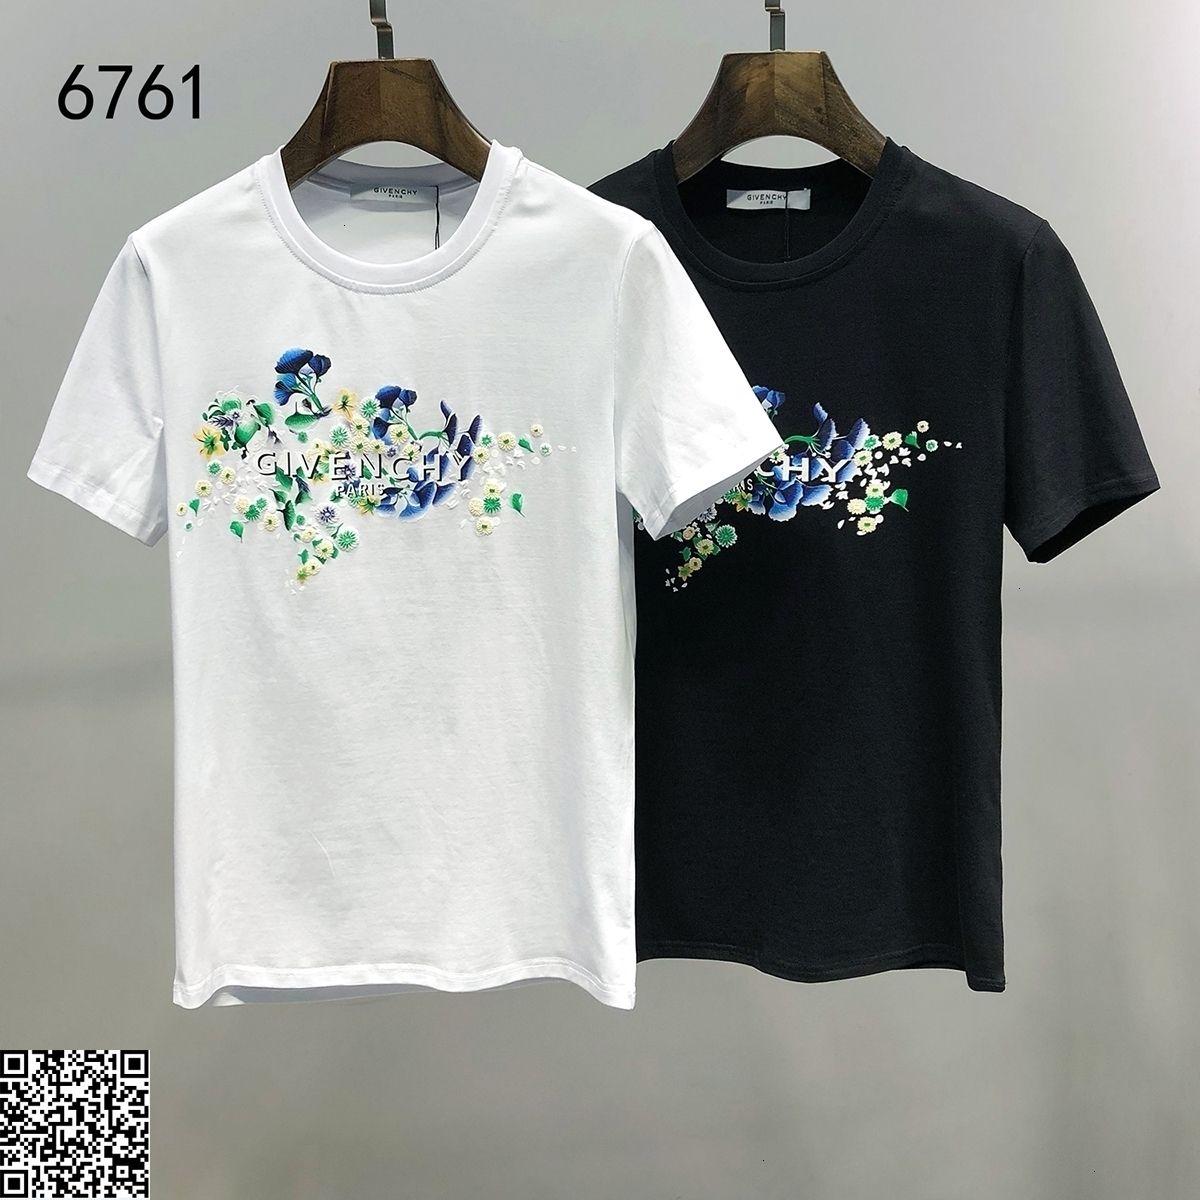 """gömlek pamuk t 2020 en kaliteli baskı erkek tişört mens üstleri mens 20191123-3697e # * 75324 # """"6761 *"""